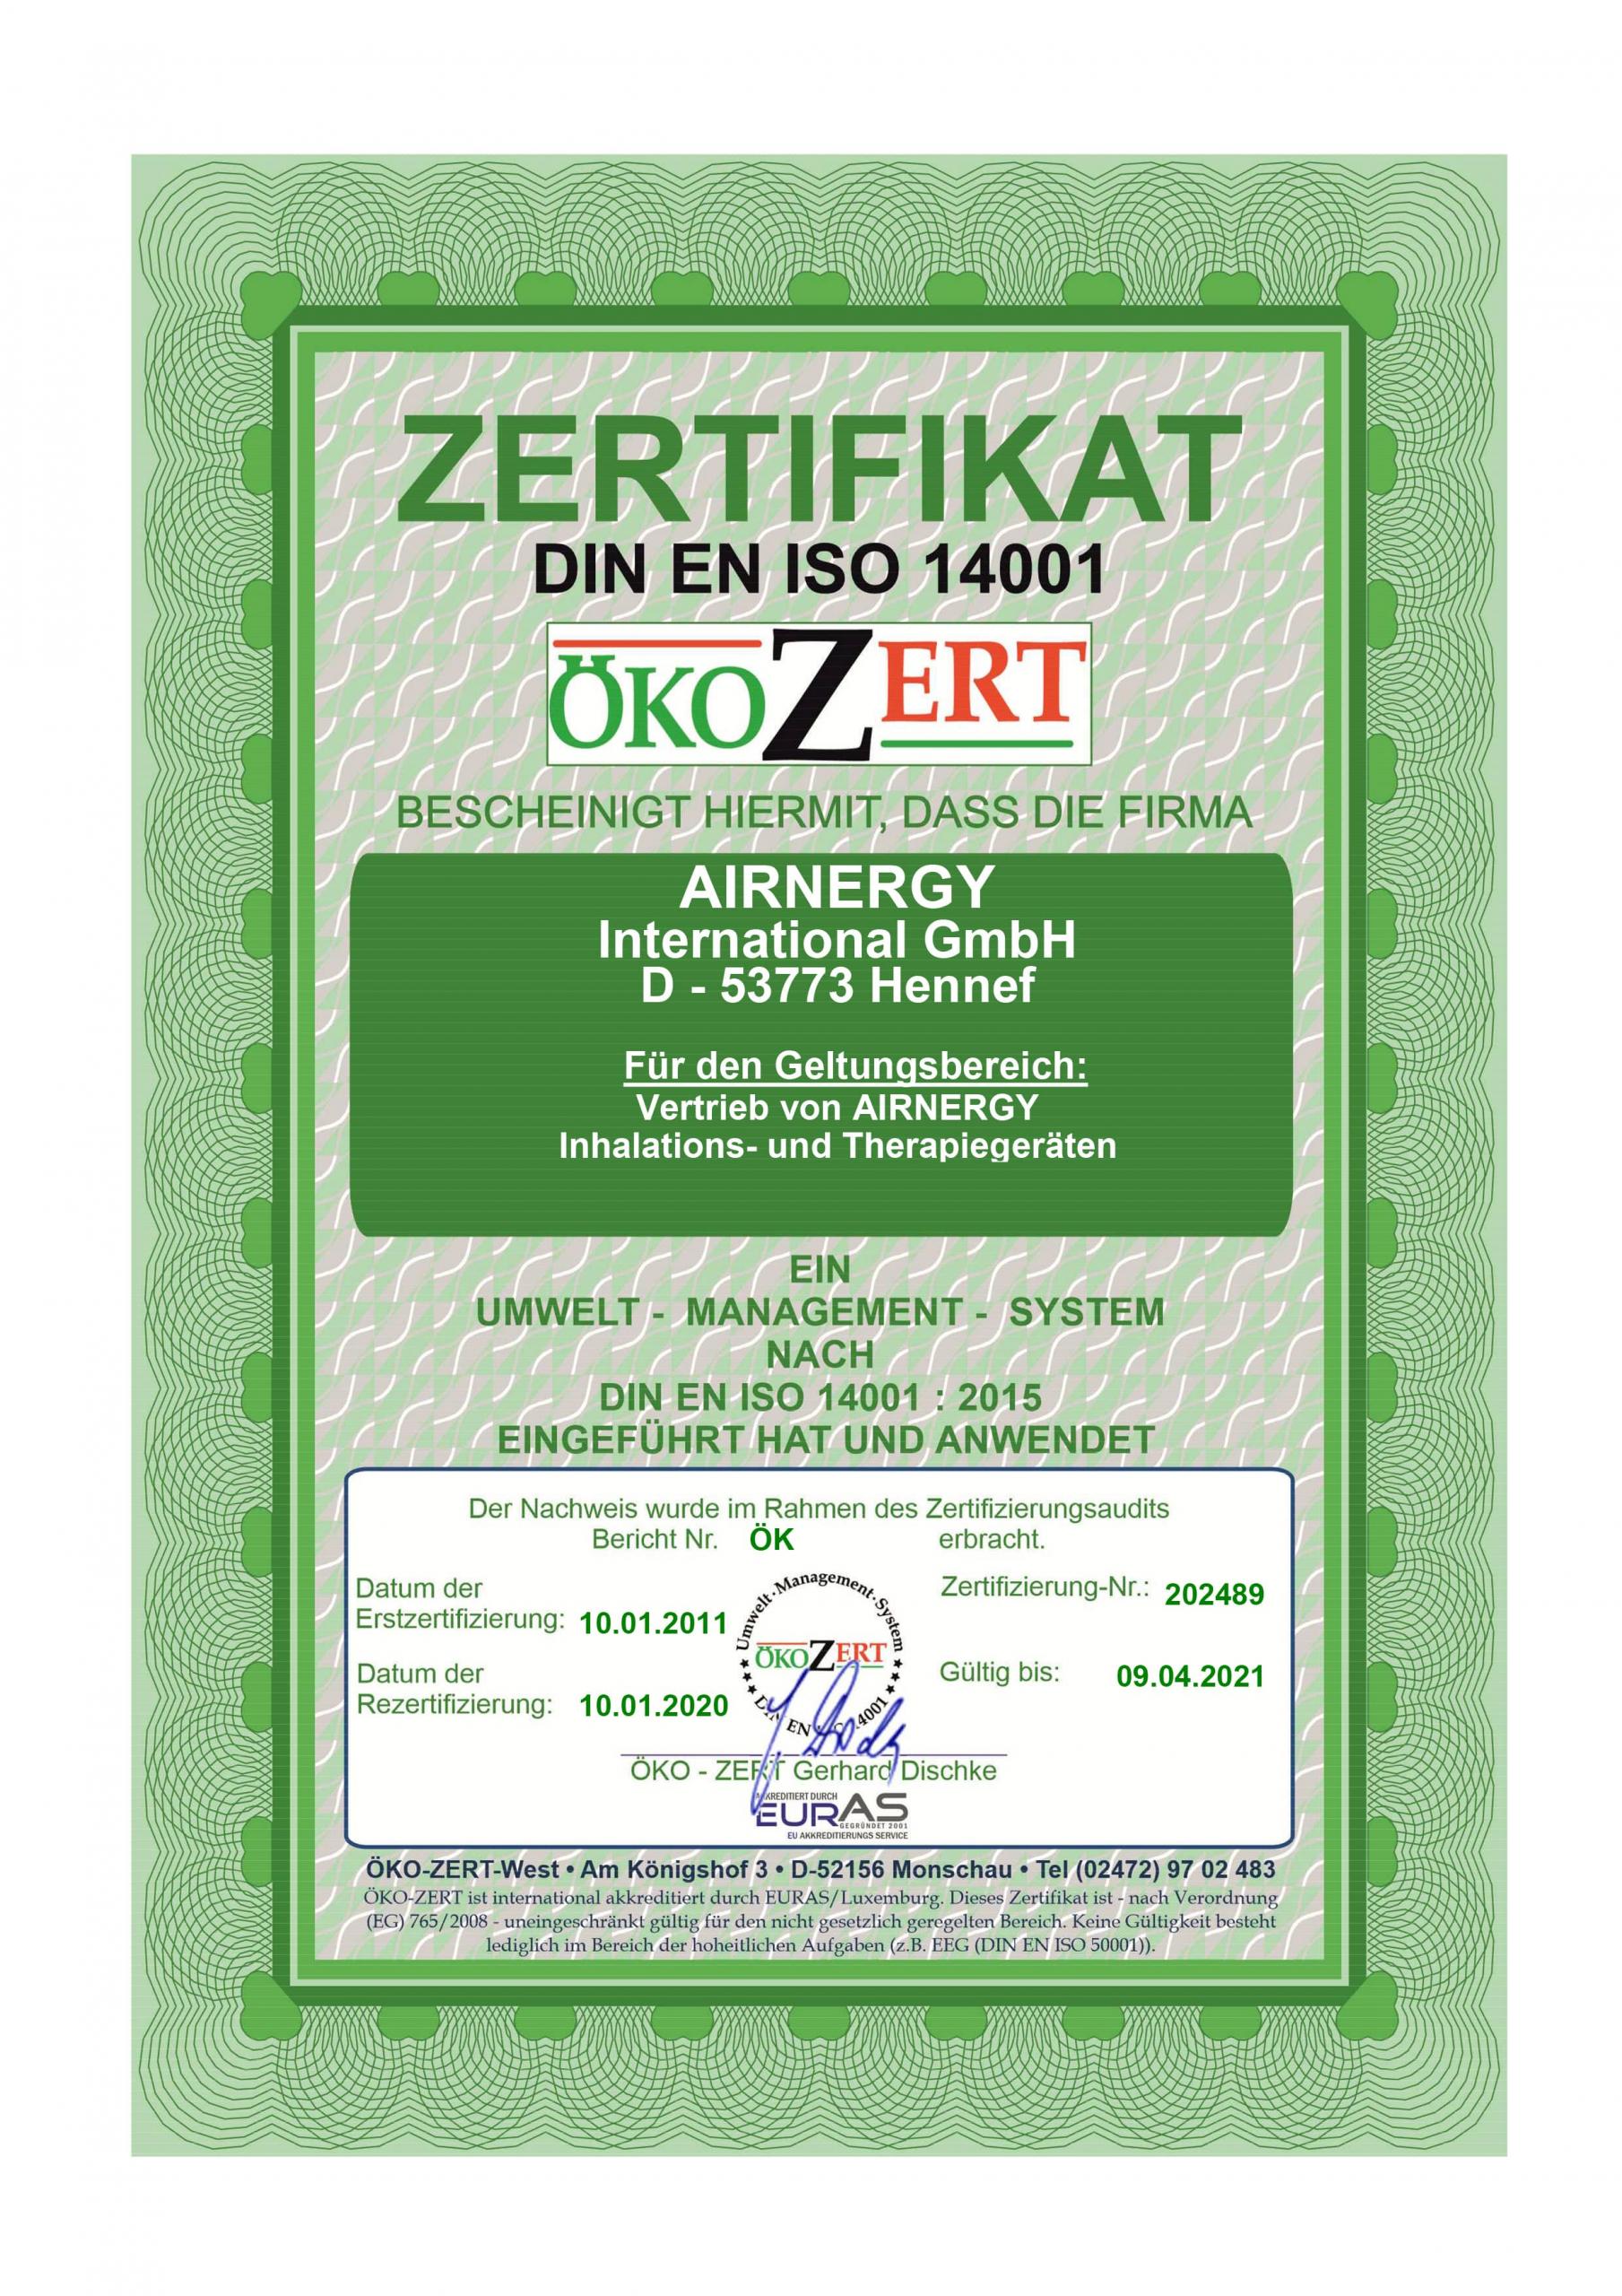 AIRNERGY Zertifikat DIN EN ISO 14001